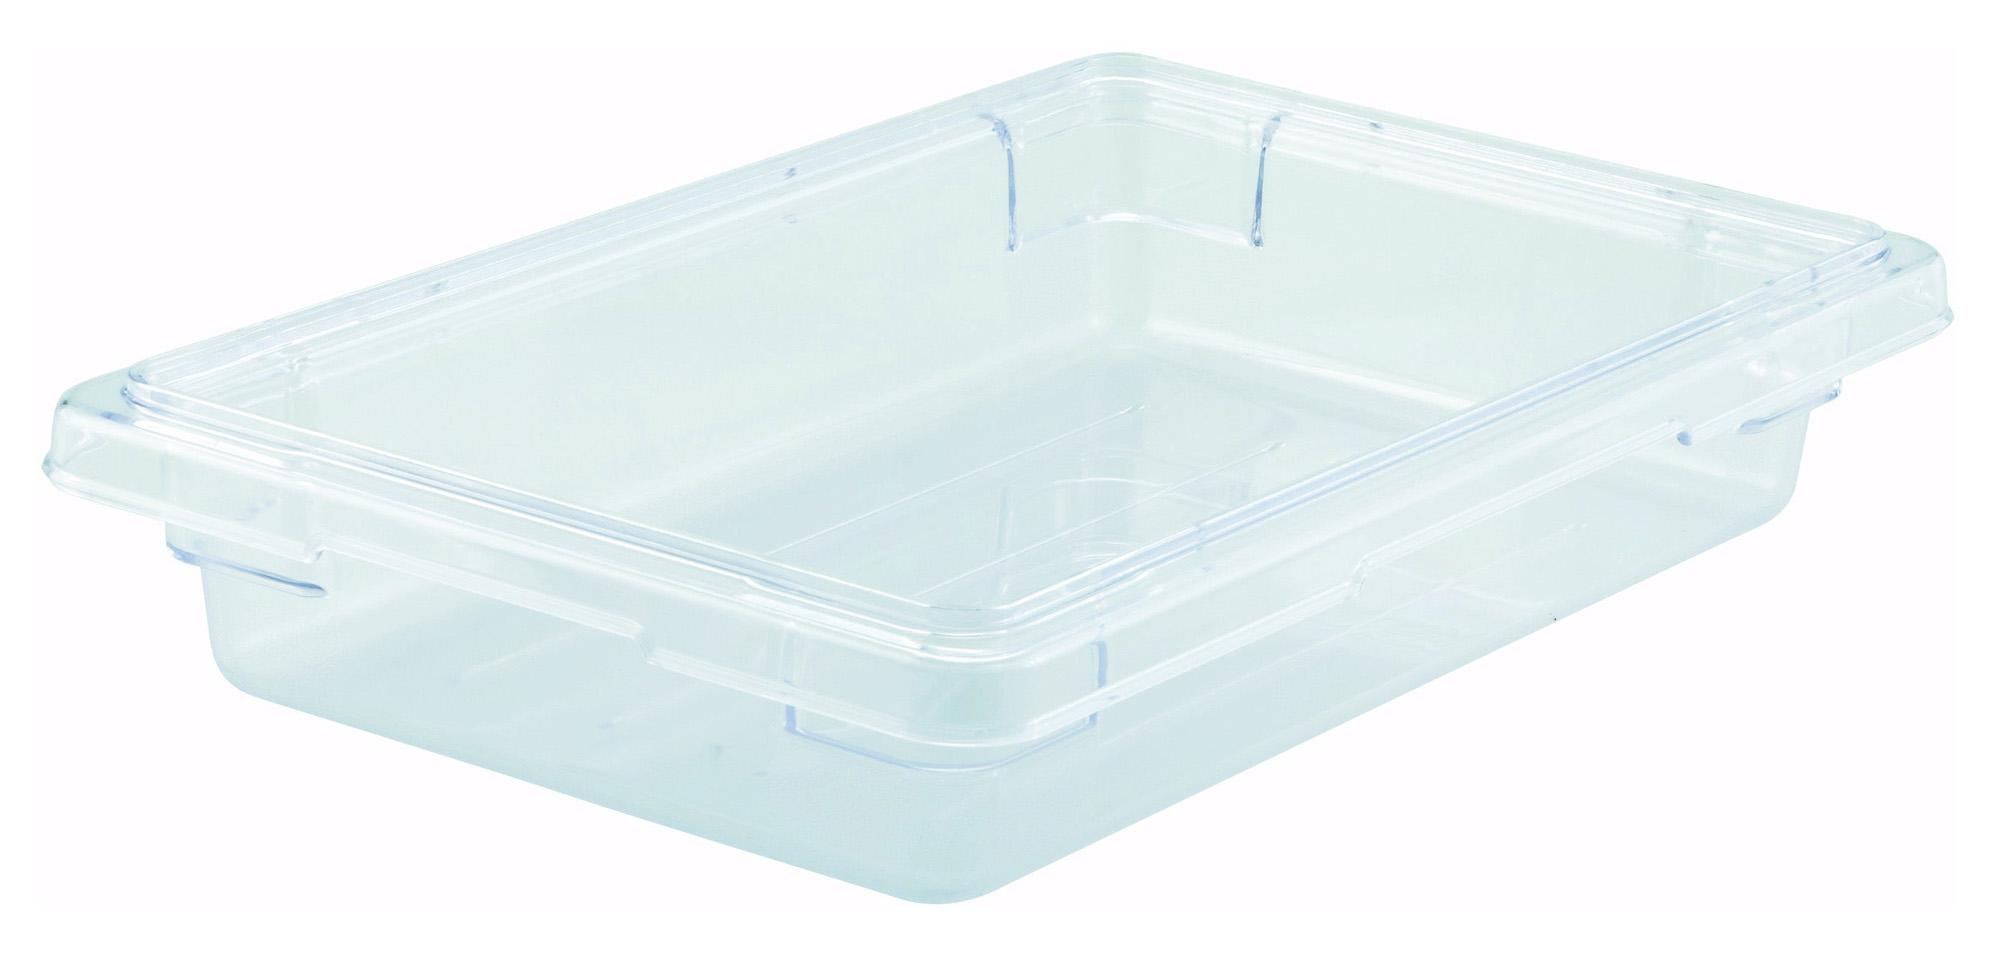 Winco PFSF-3 storage box